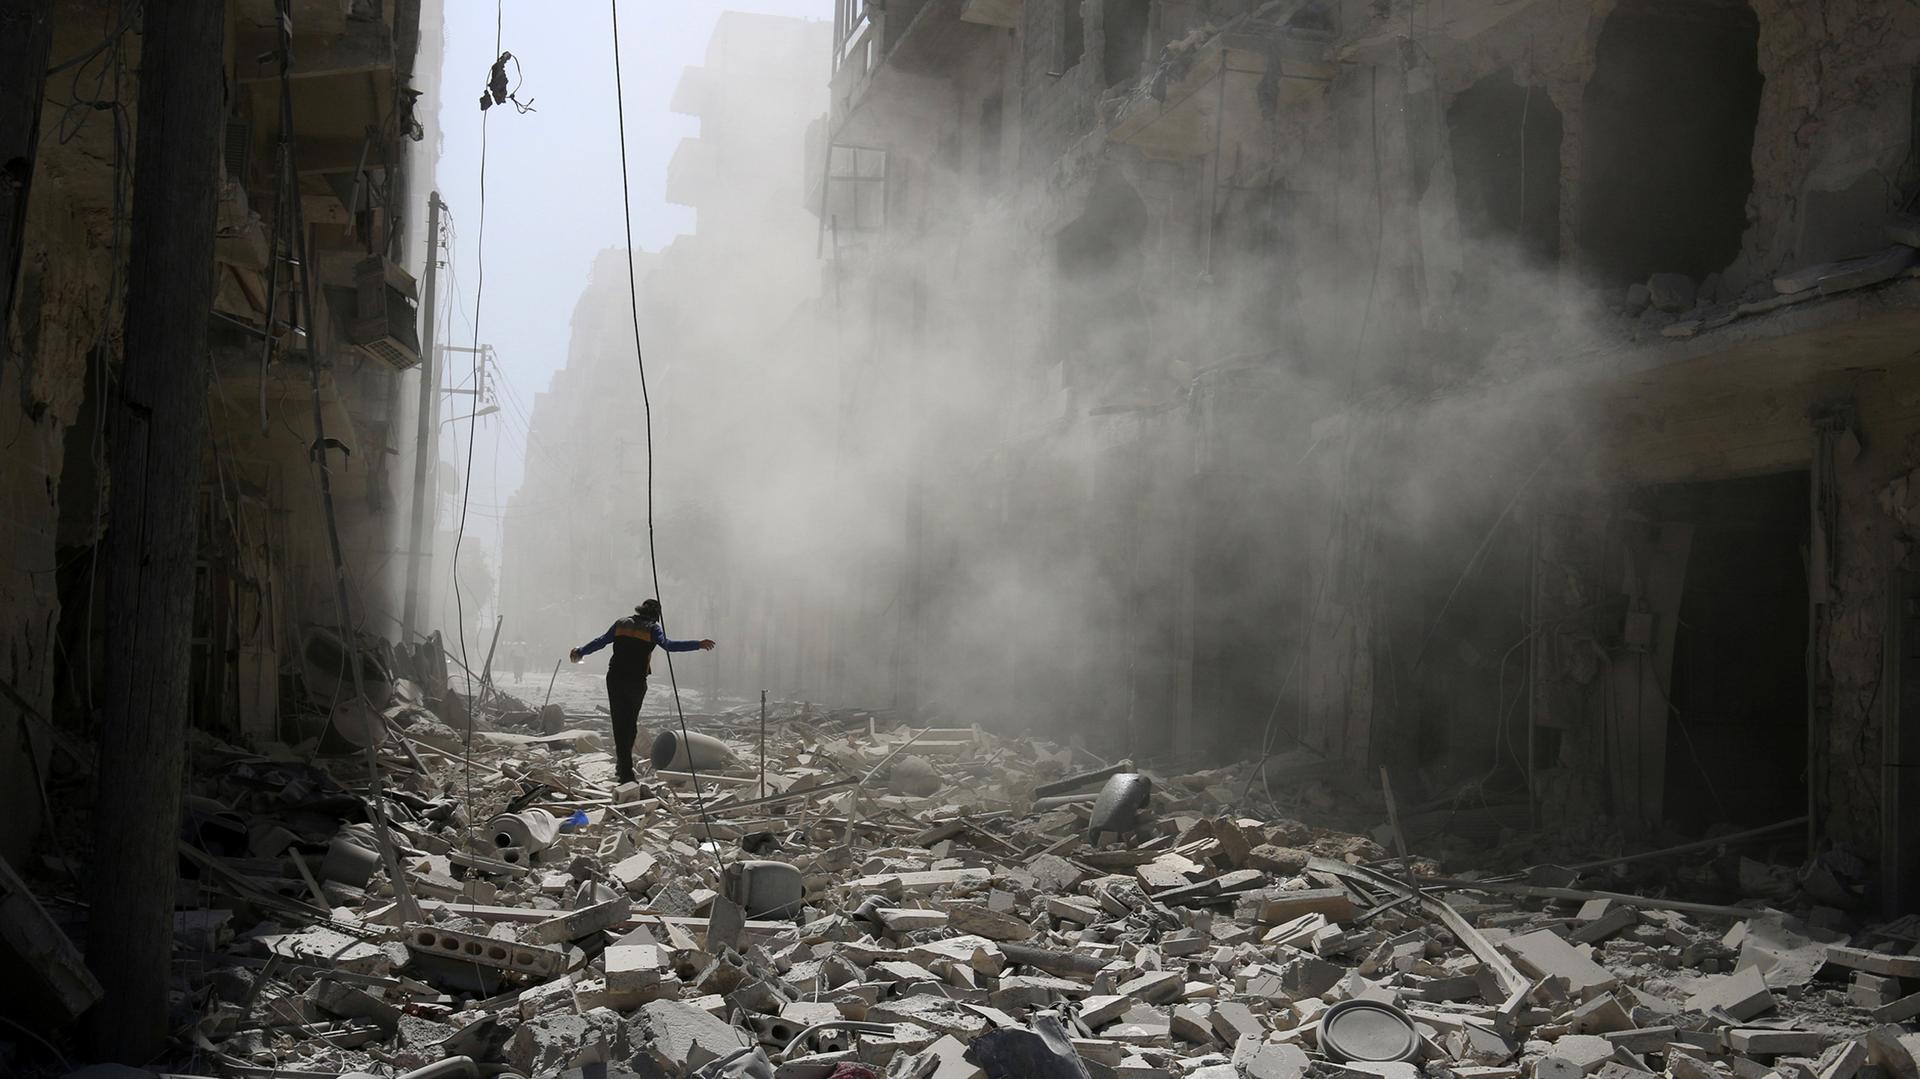 Сирийцы — RT: мы боялись за своих детей, а теперь у нас есть надежда